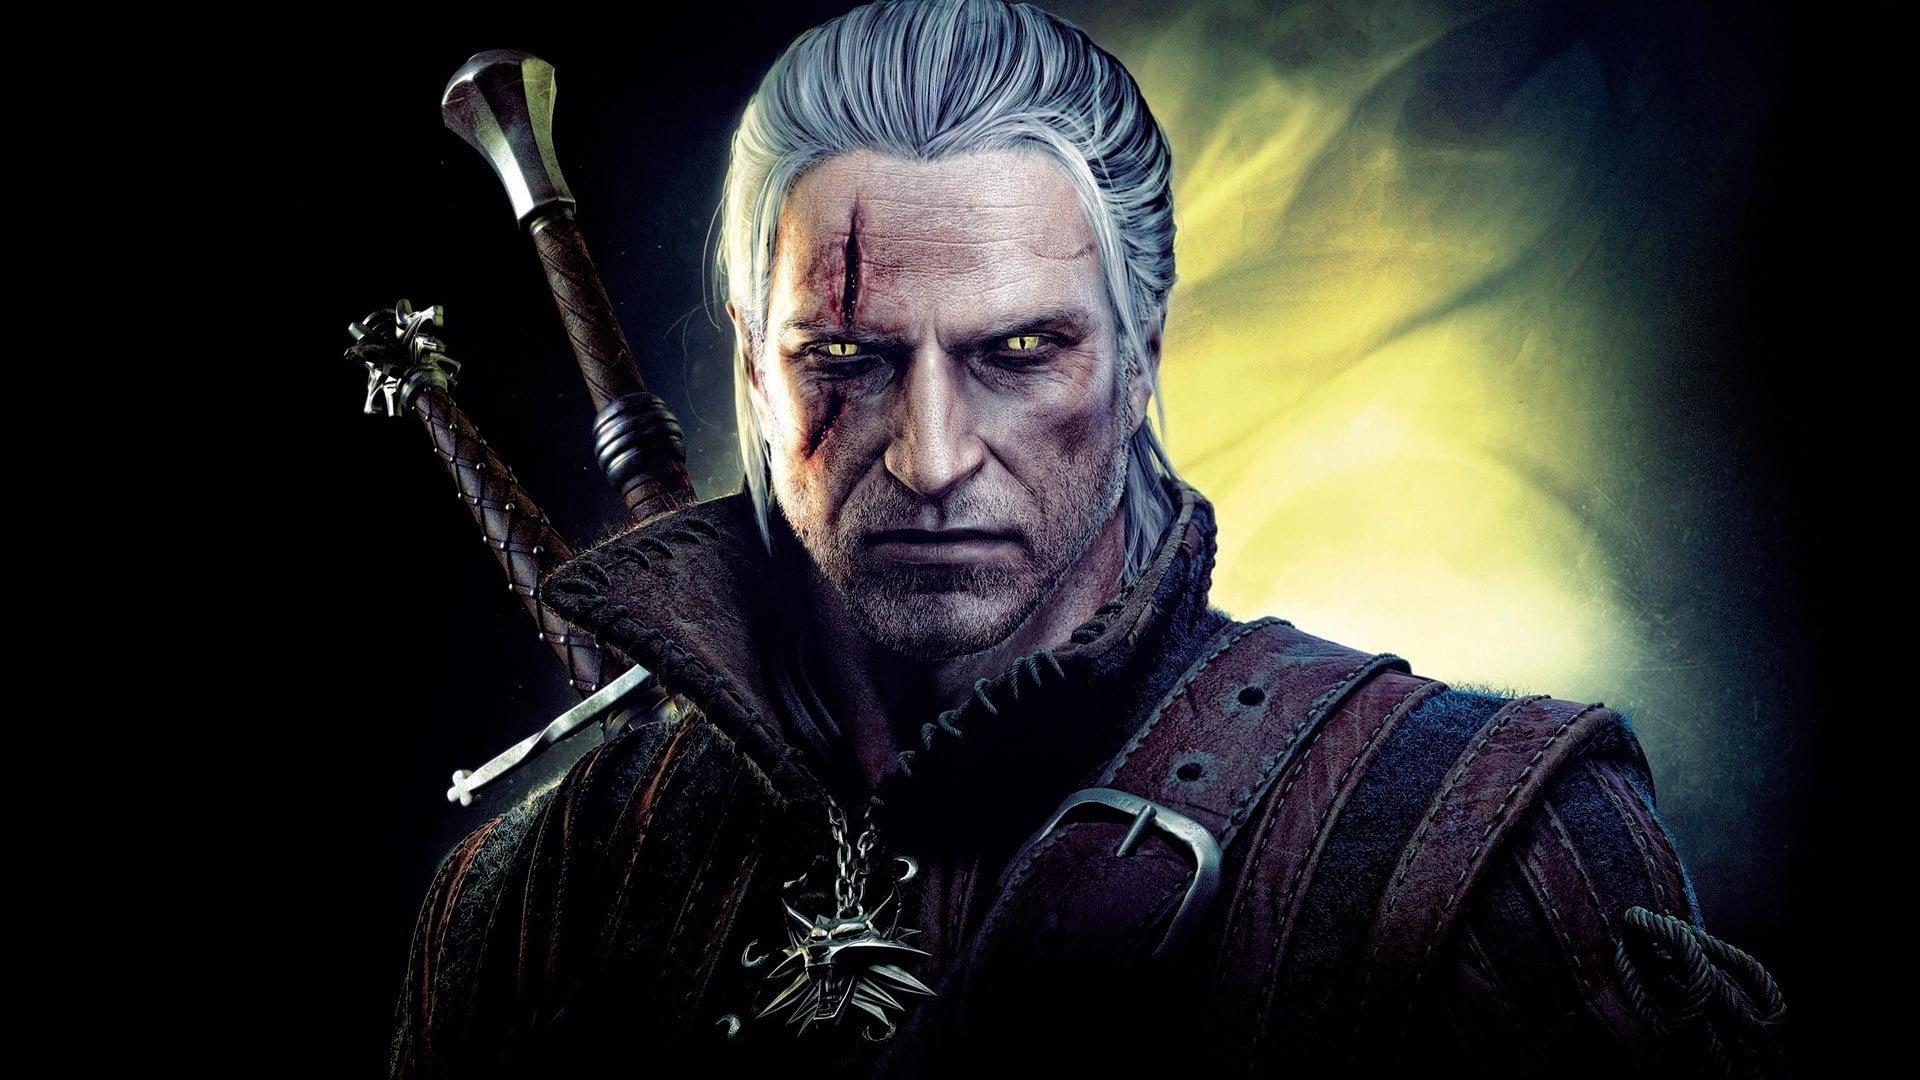 The Witcher photo The Witcher The Witcher 2 Assassins of Kings 1920x1080